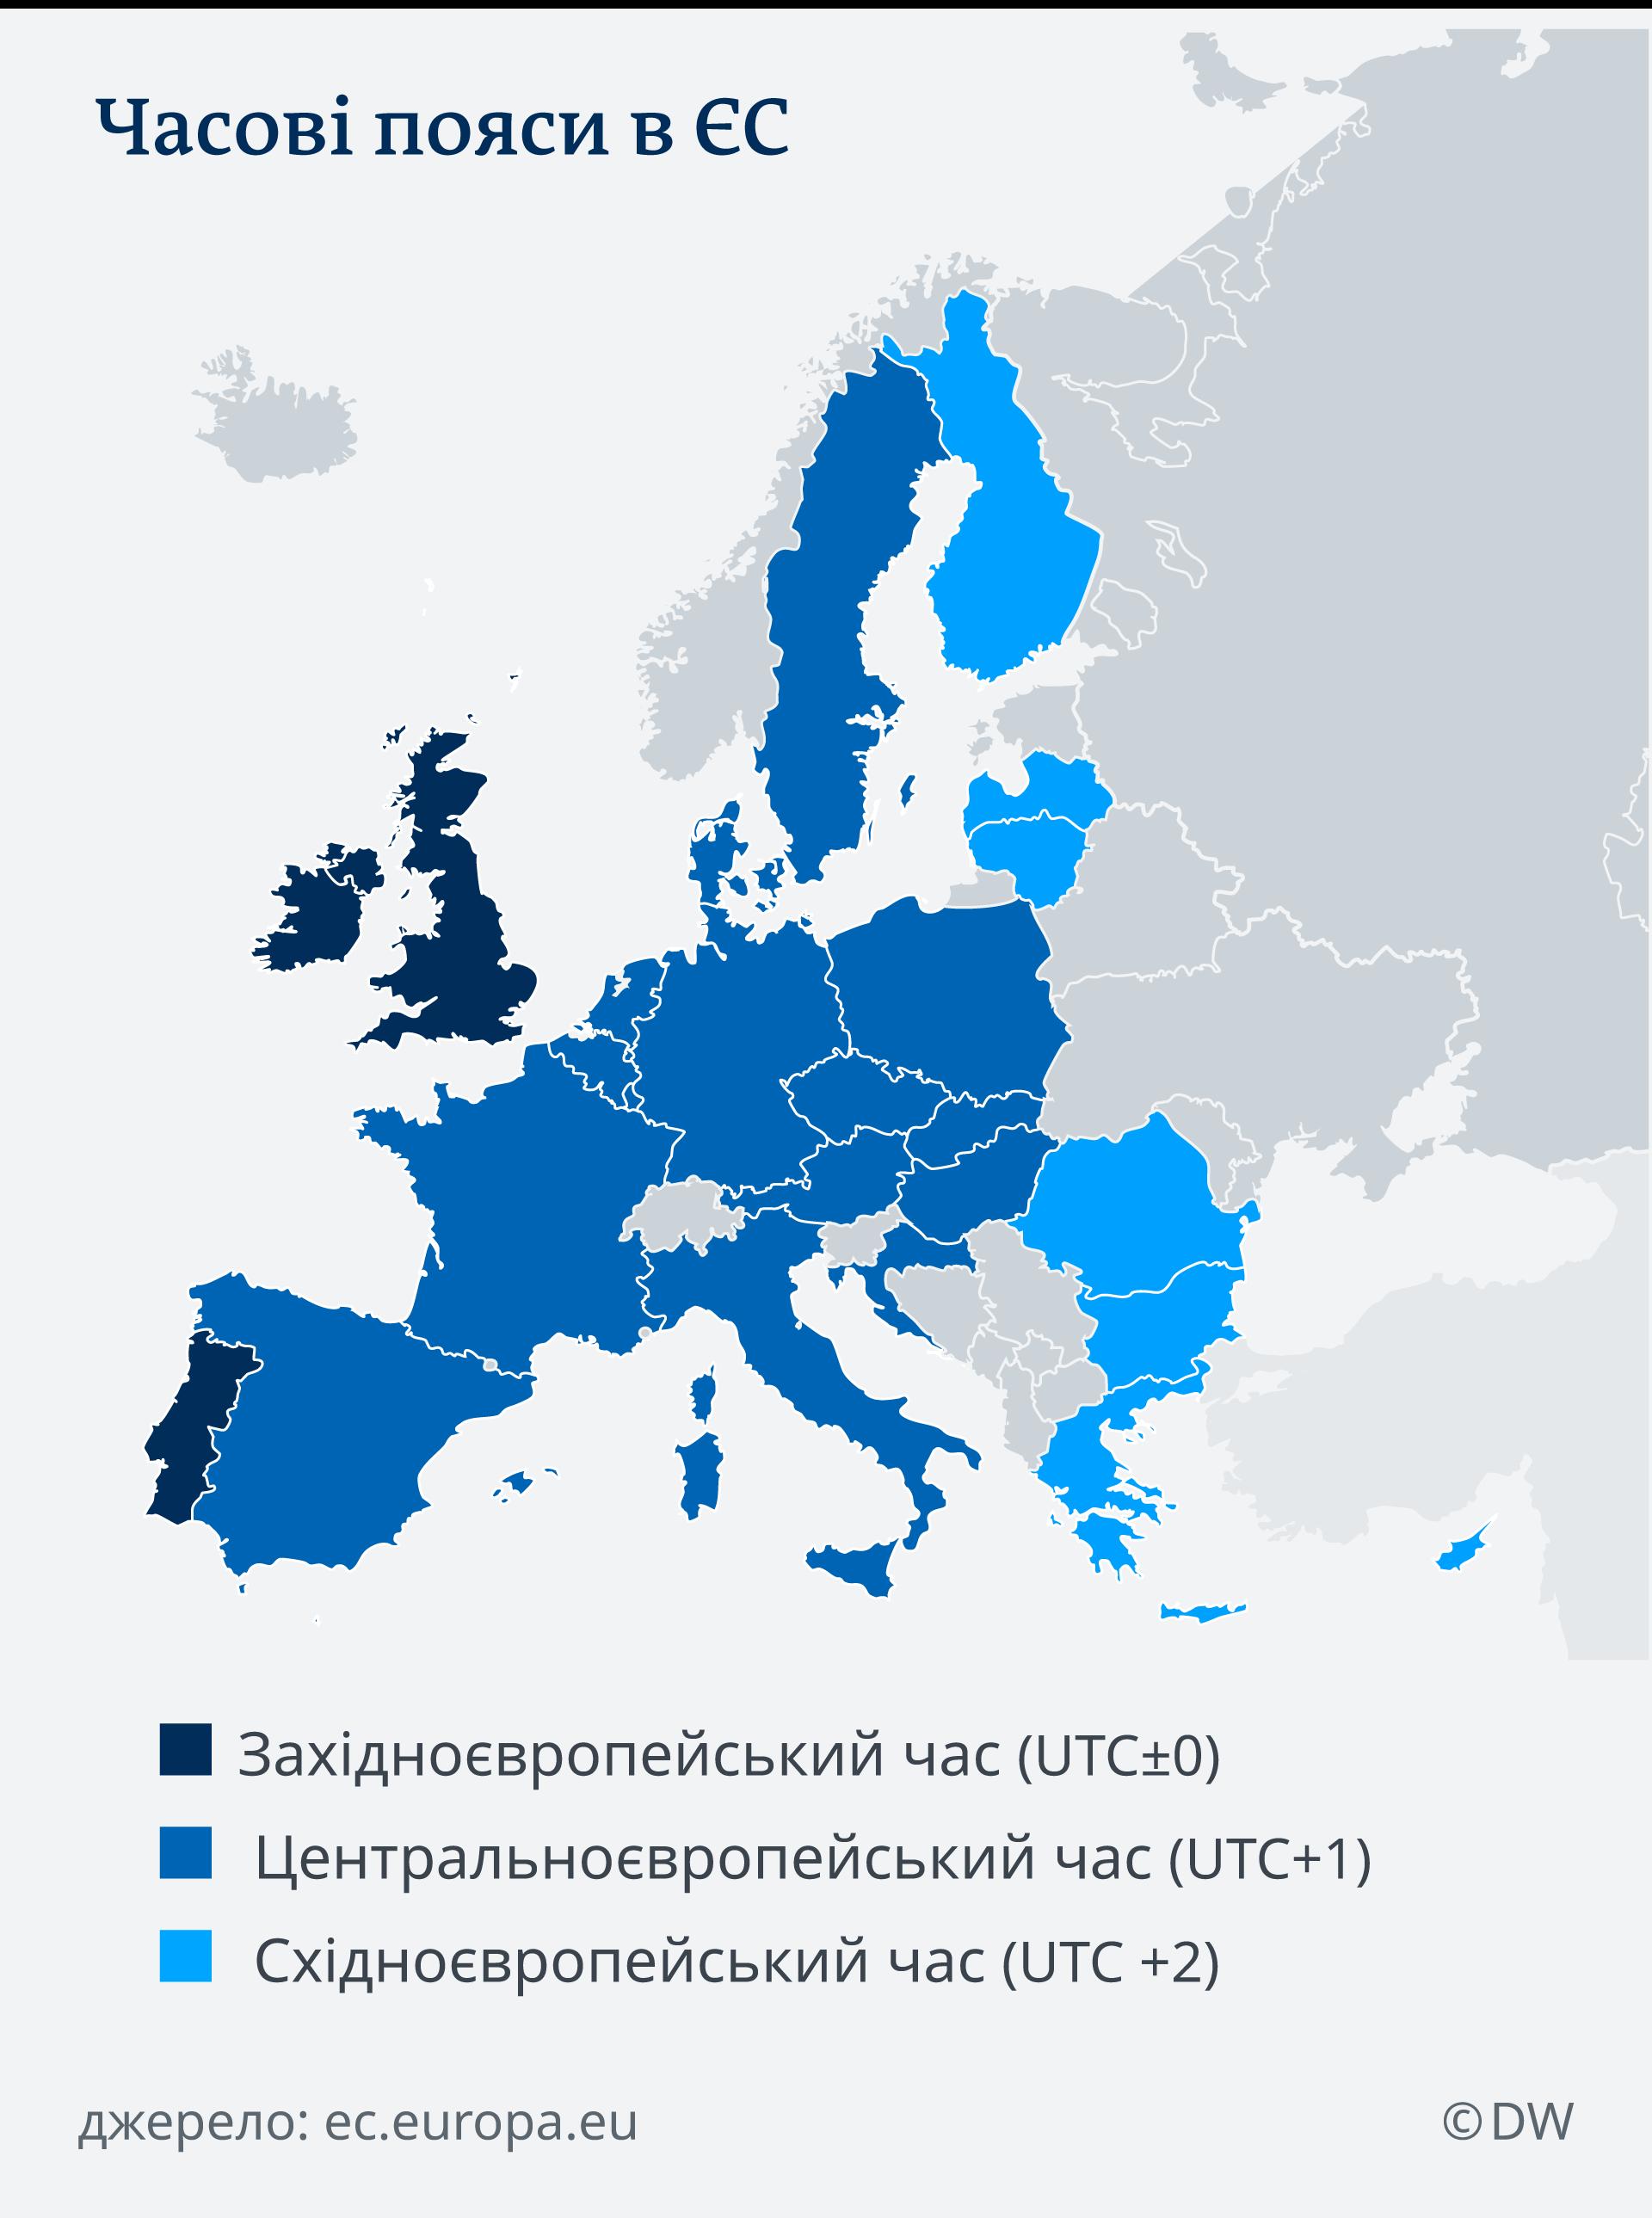 Часові пояси в ЄС